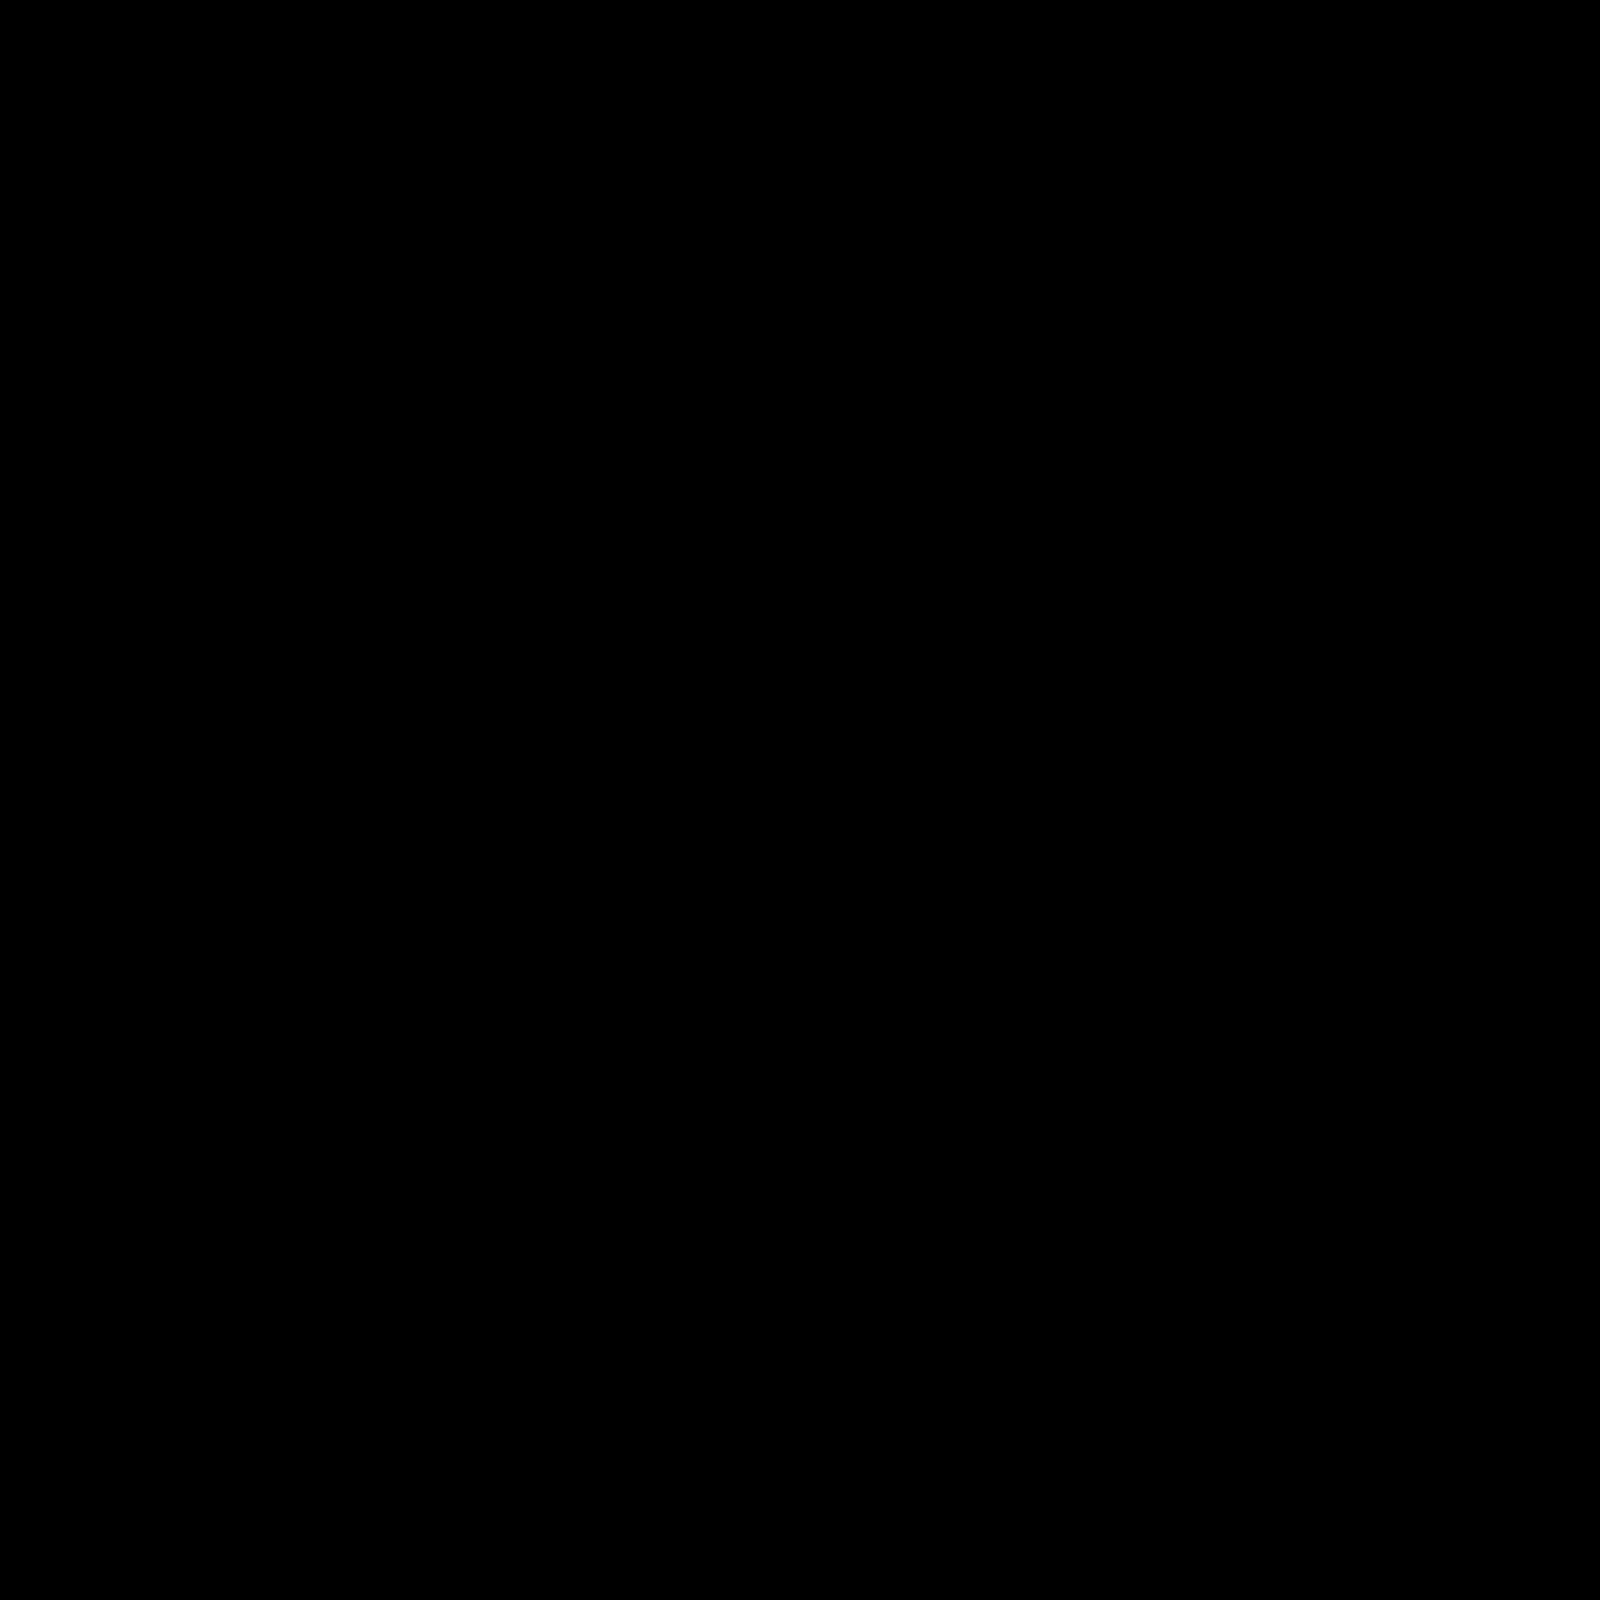 蒸気機関 icon. A single unattached old-fashioned train car -- specifically the one in first position, the engine car --  is seen from a side angle. A smokestack juts upward in front of the front window.